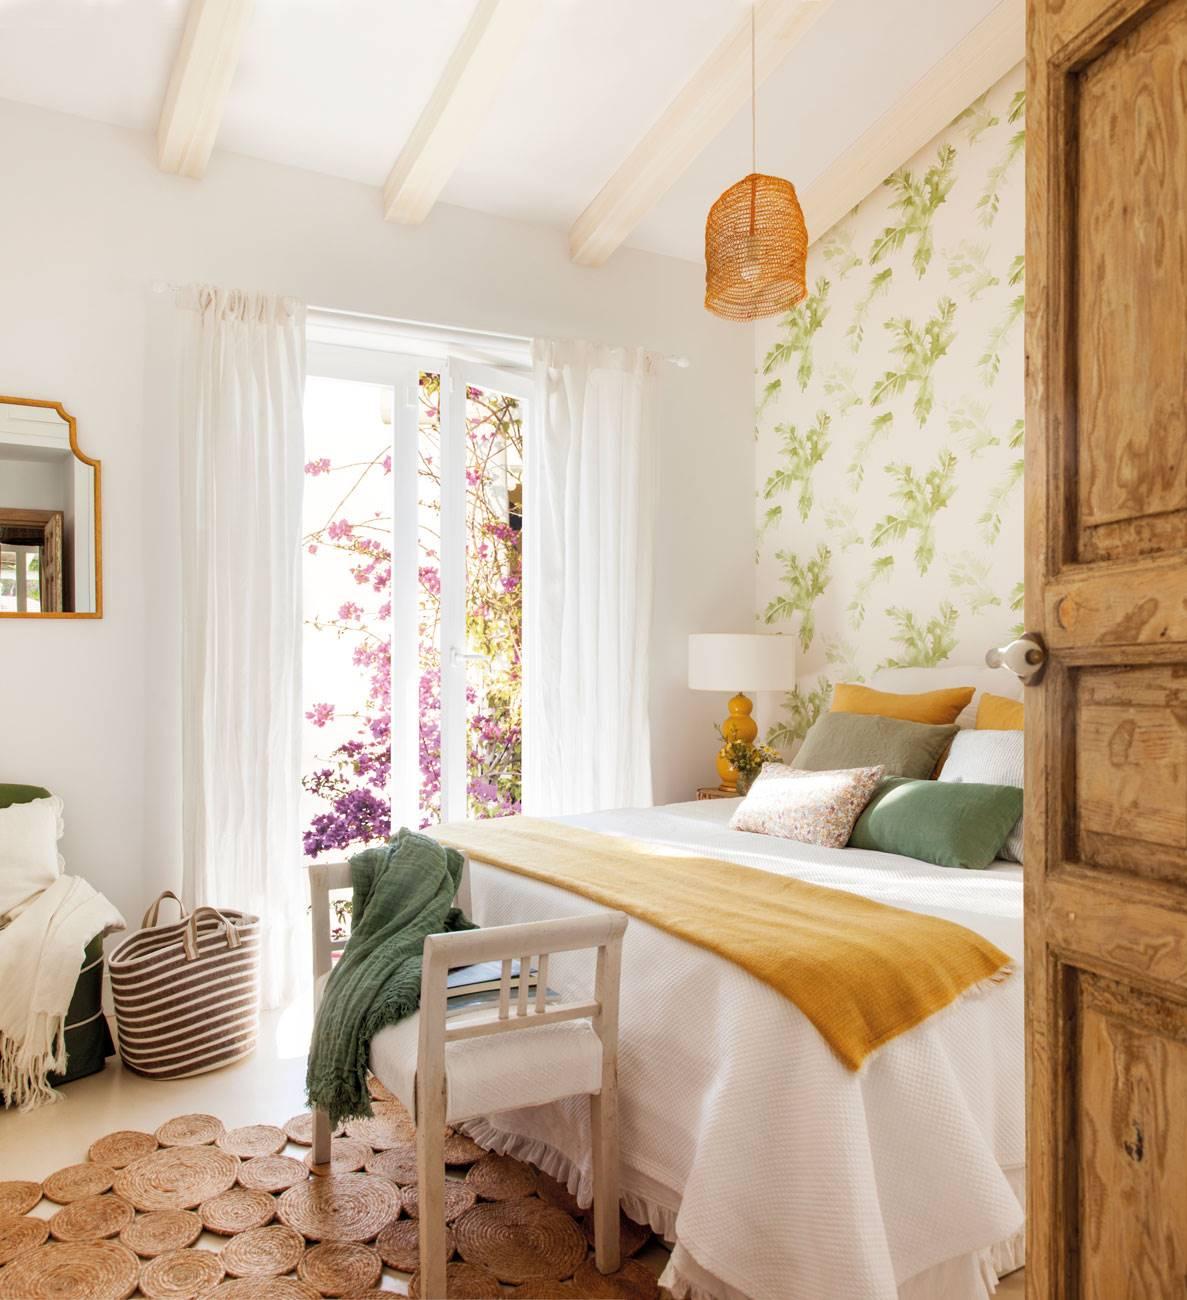 dormitorio-papel-pintdado-motivos-vegetales-y-alfombra-fibras-vegetales 487082. El romanticismo llega en primavera